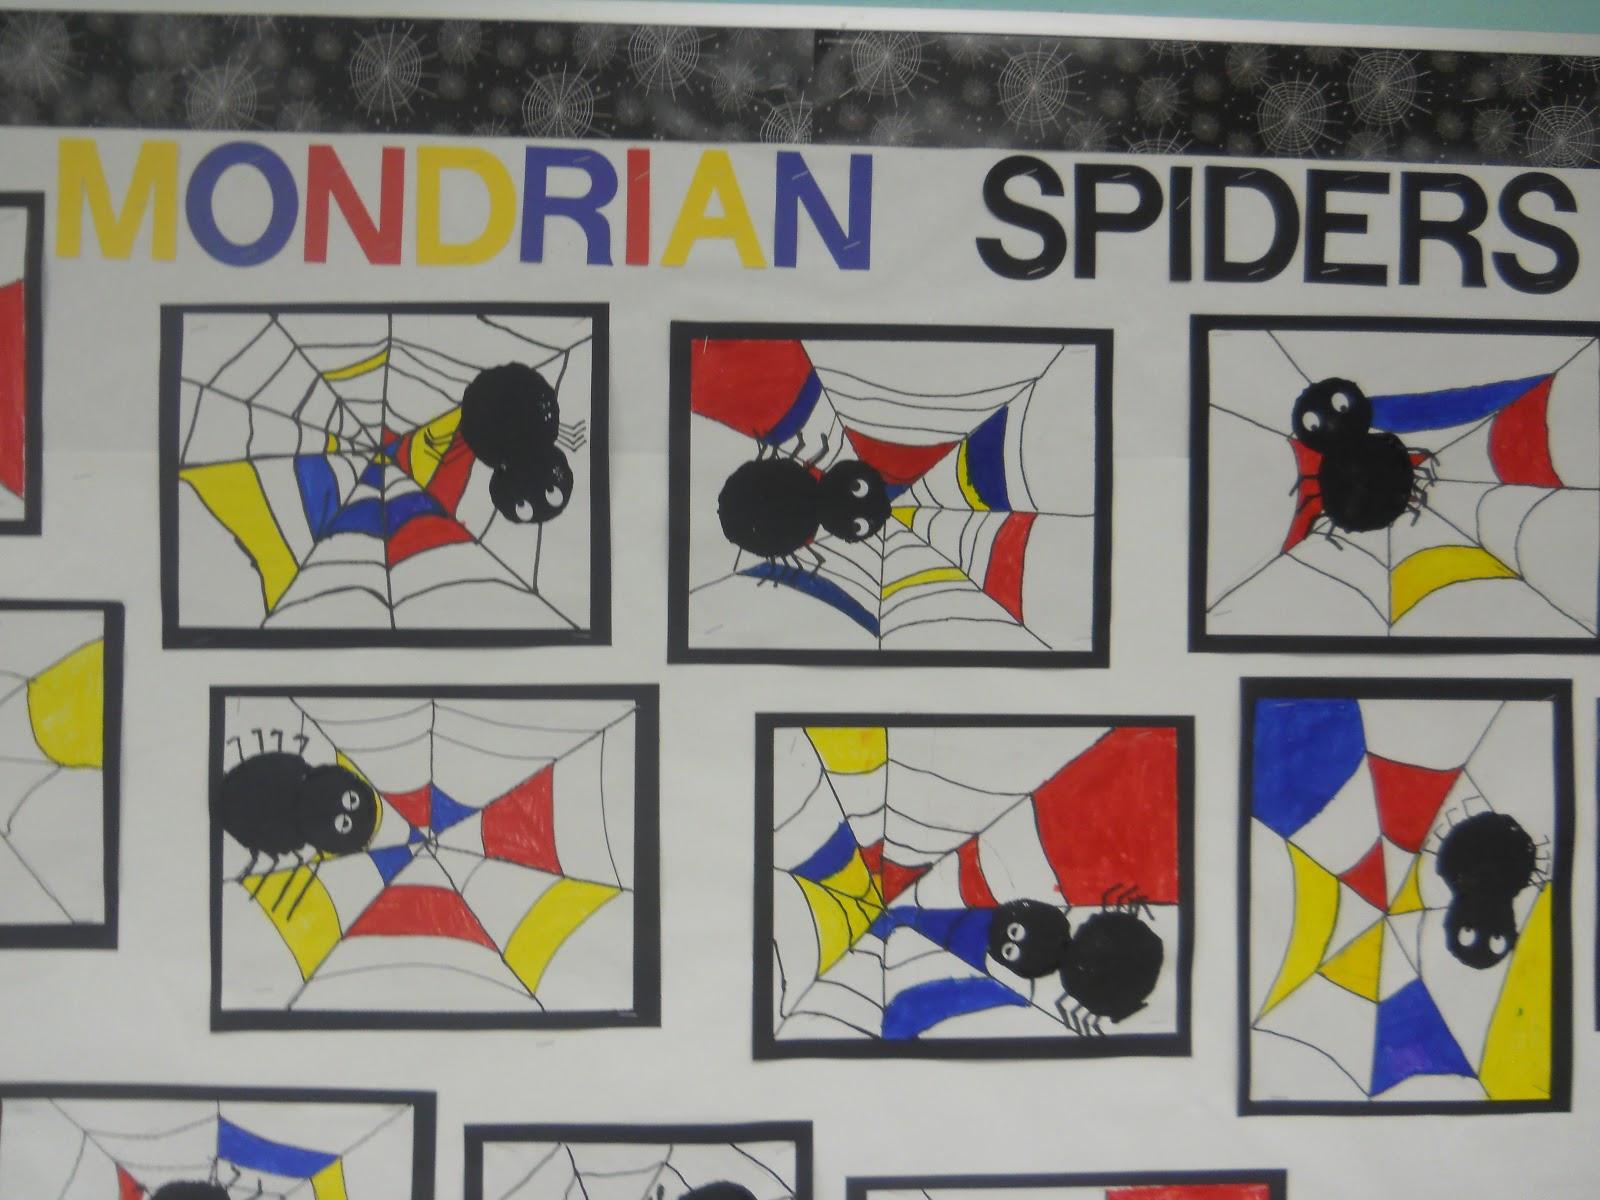 mondrian spider art